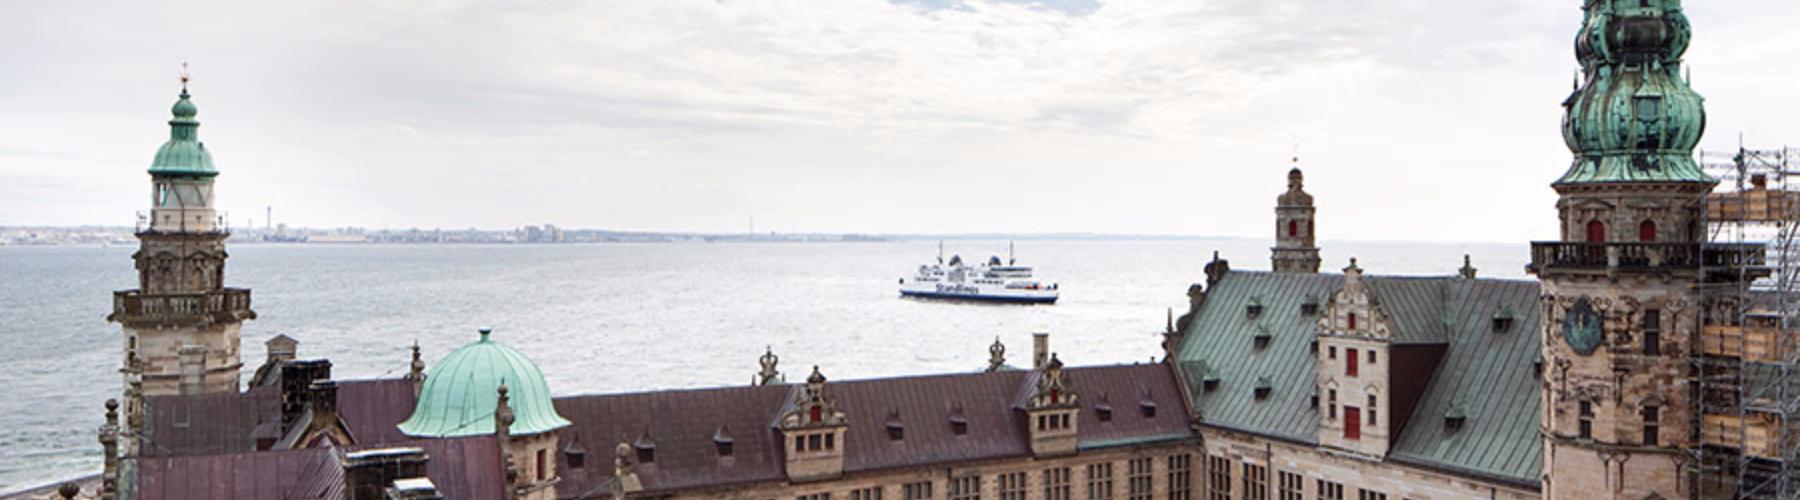 Kronborg slot og fæstning cover image